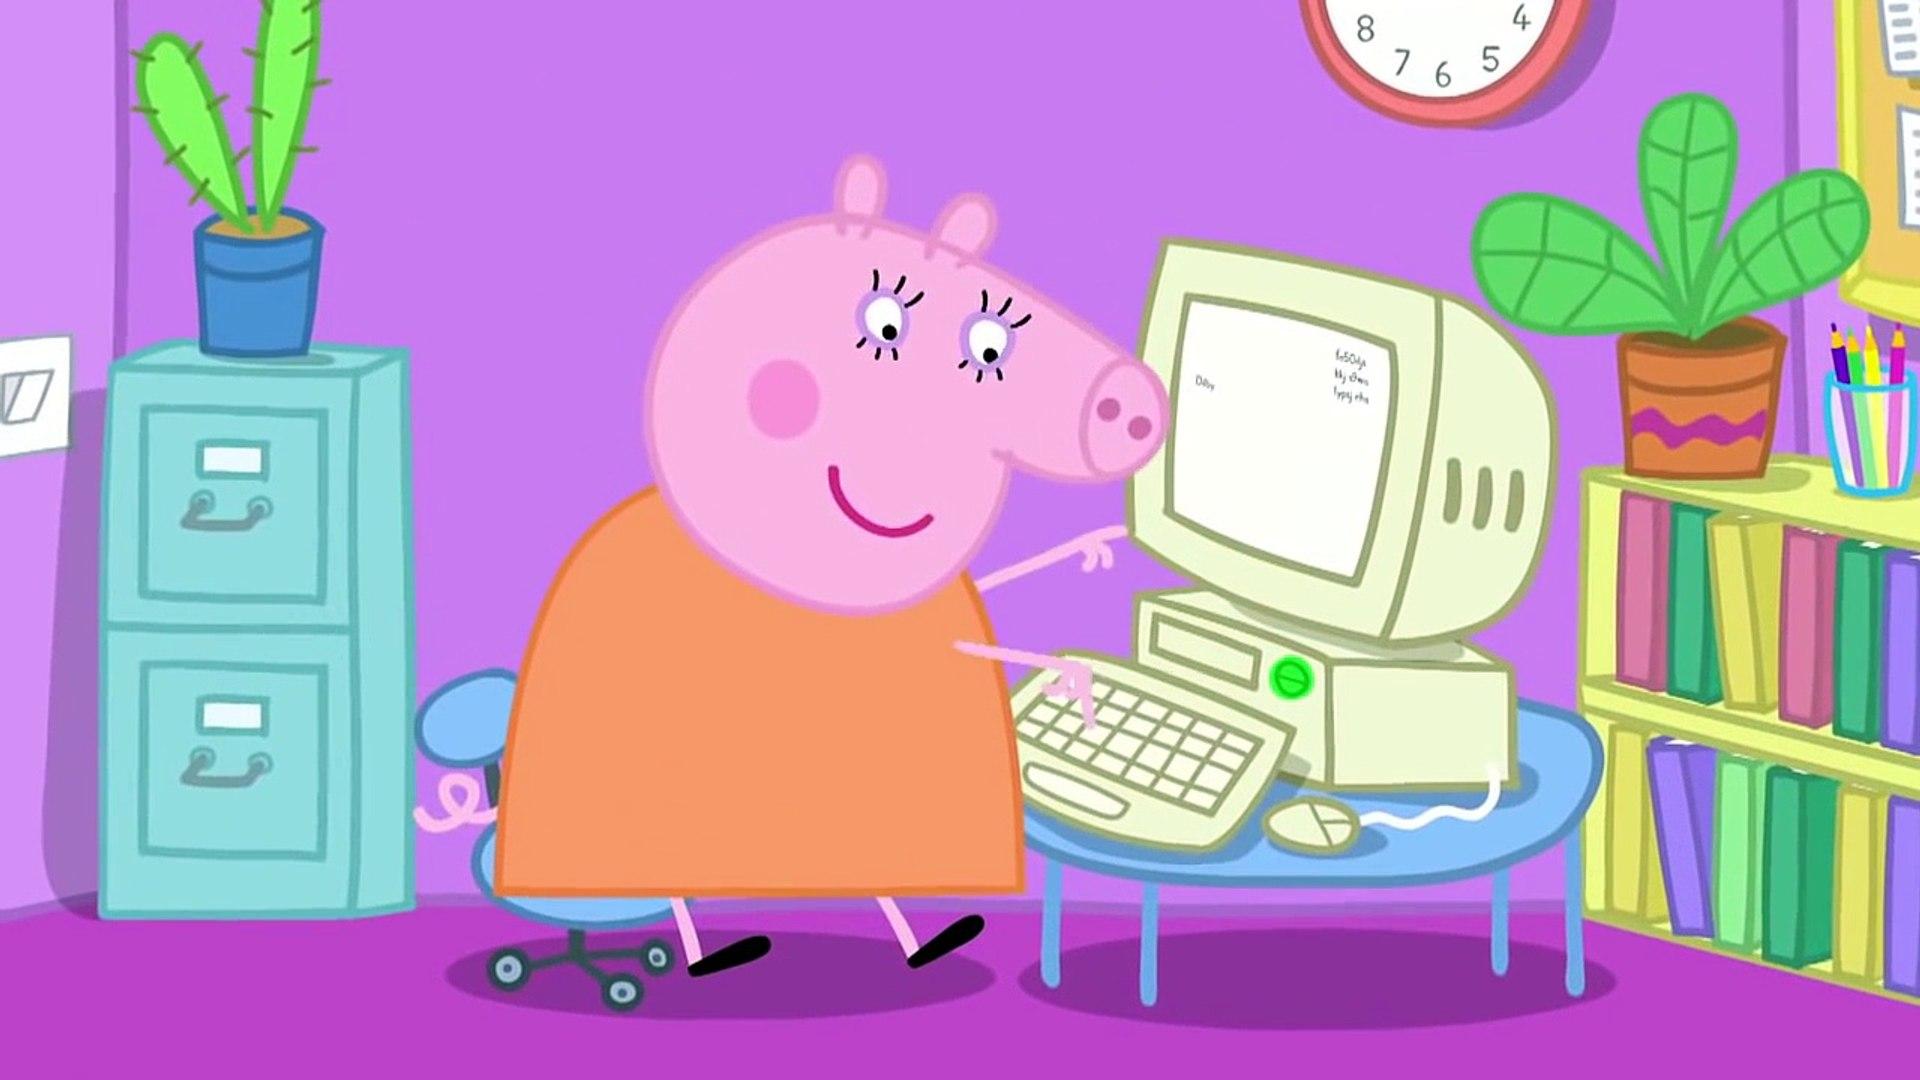 Свинка Пеппа серия 7 Мама свинка работает Работа мамы Свинки на русском все серии подряд без титров